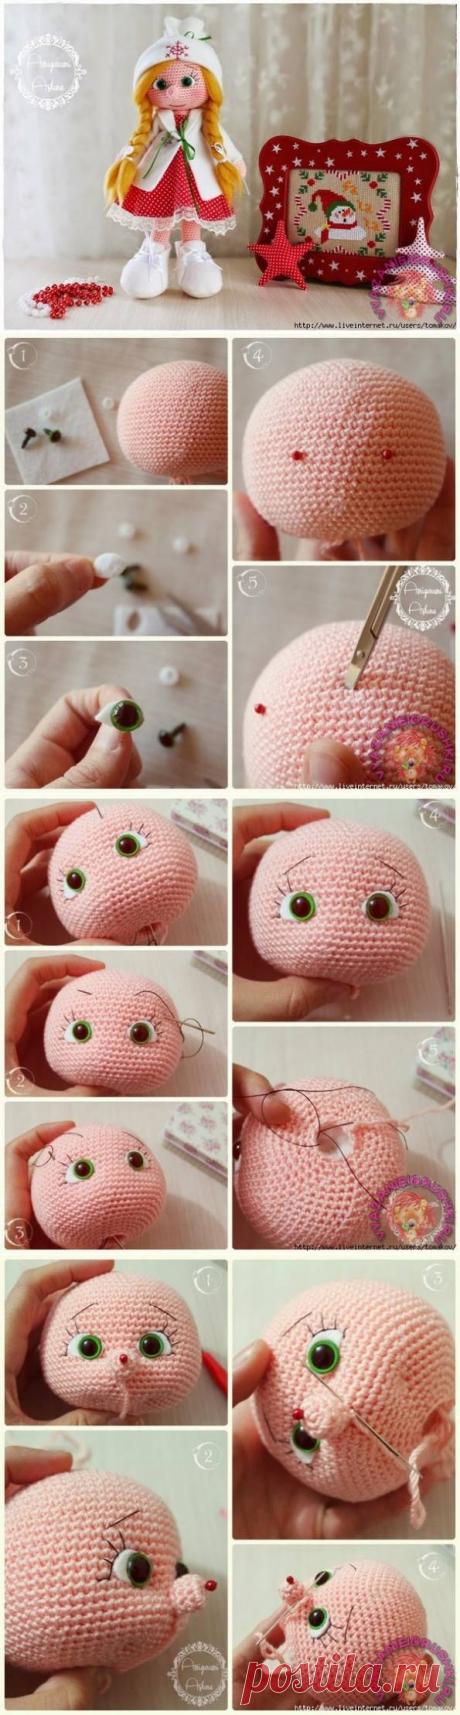 Оформление лица вязаной кукле - Игрушки крючком